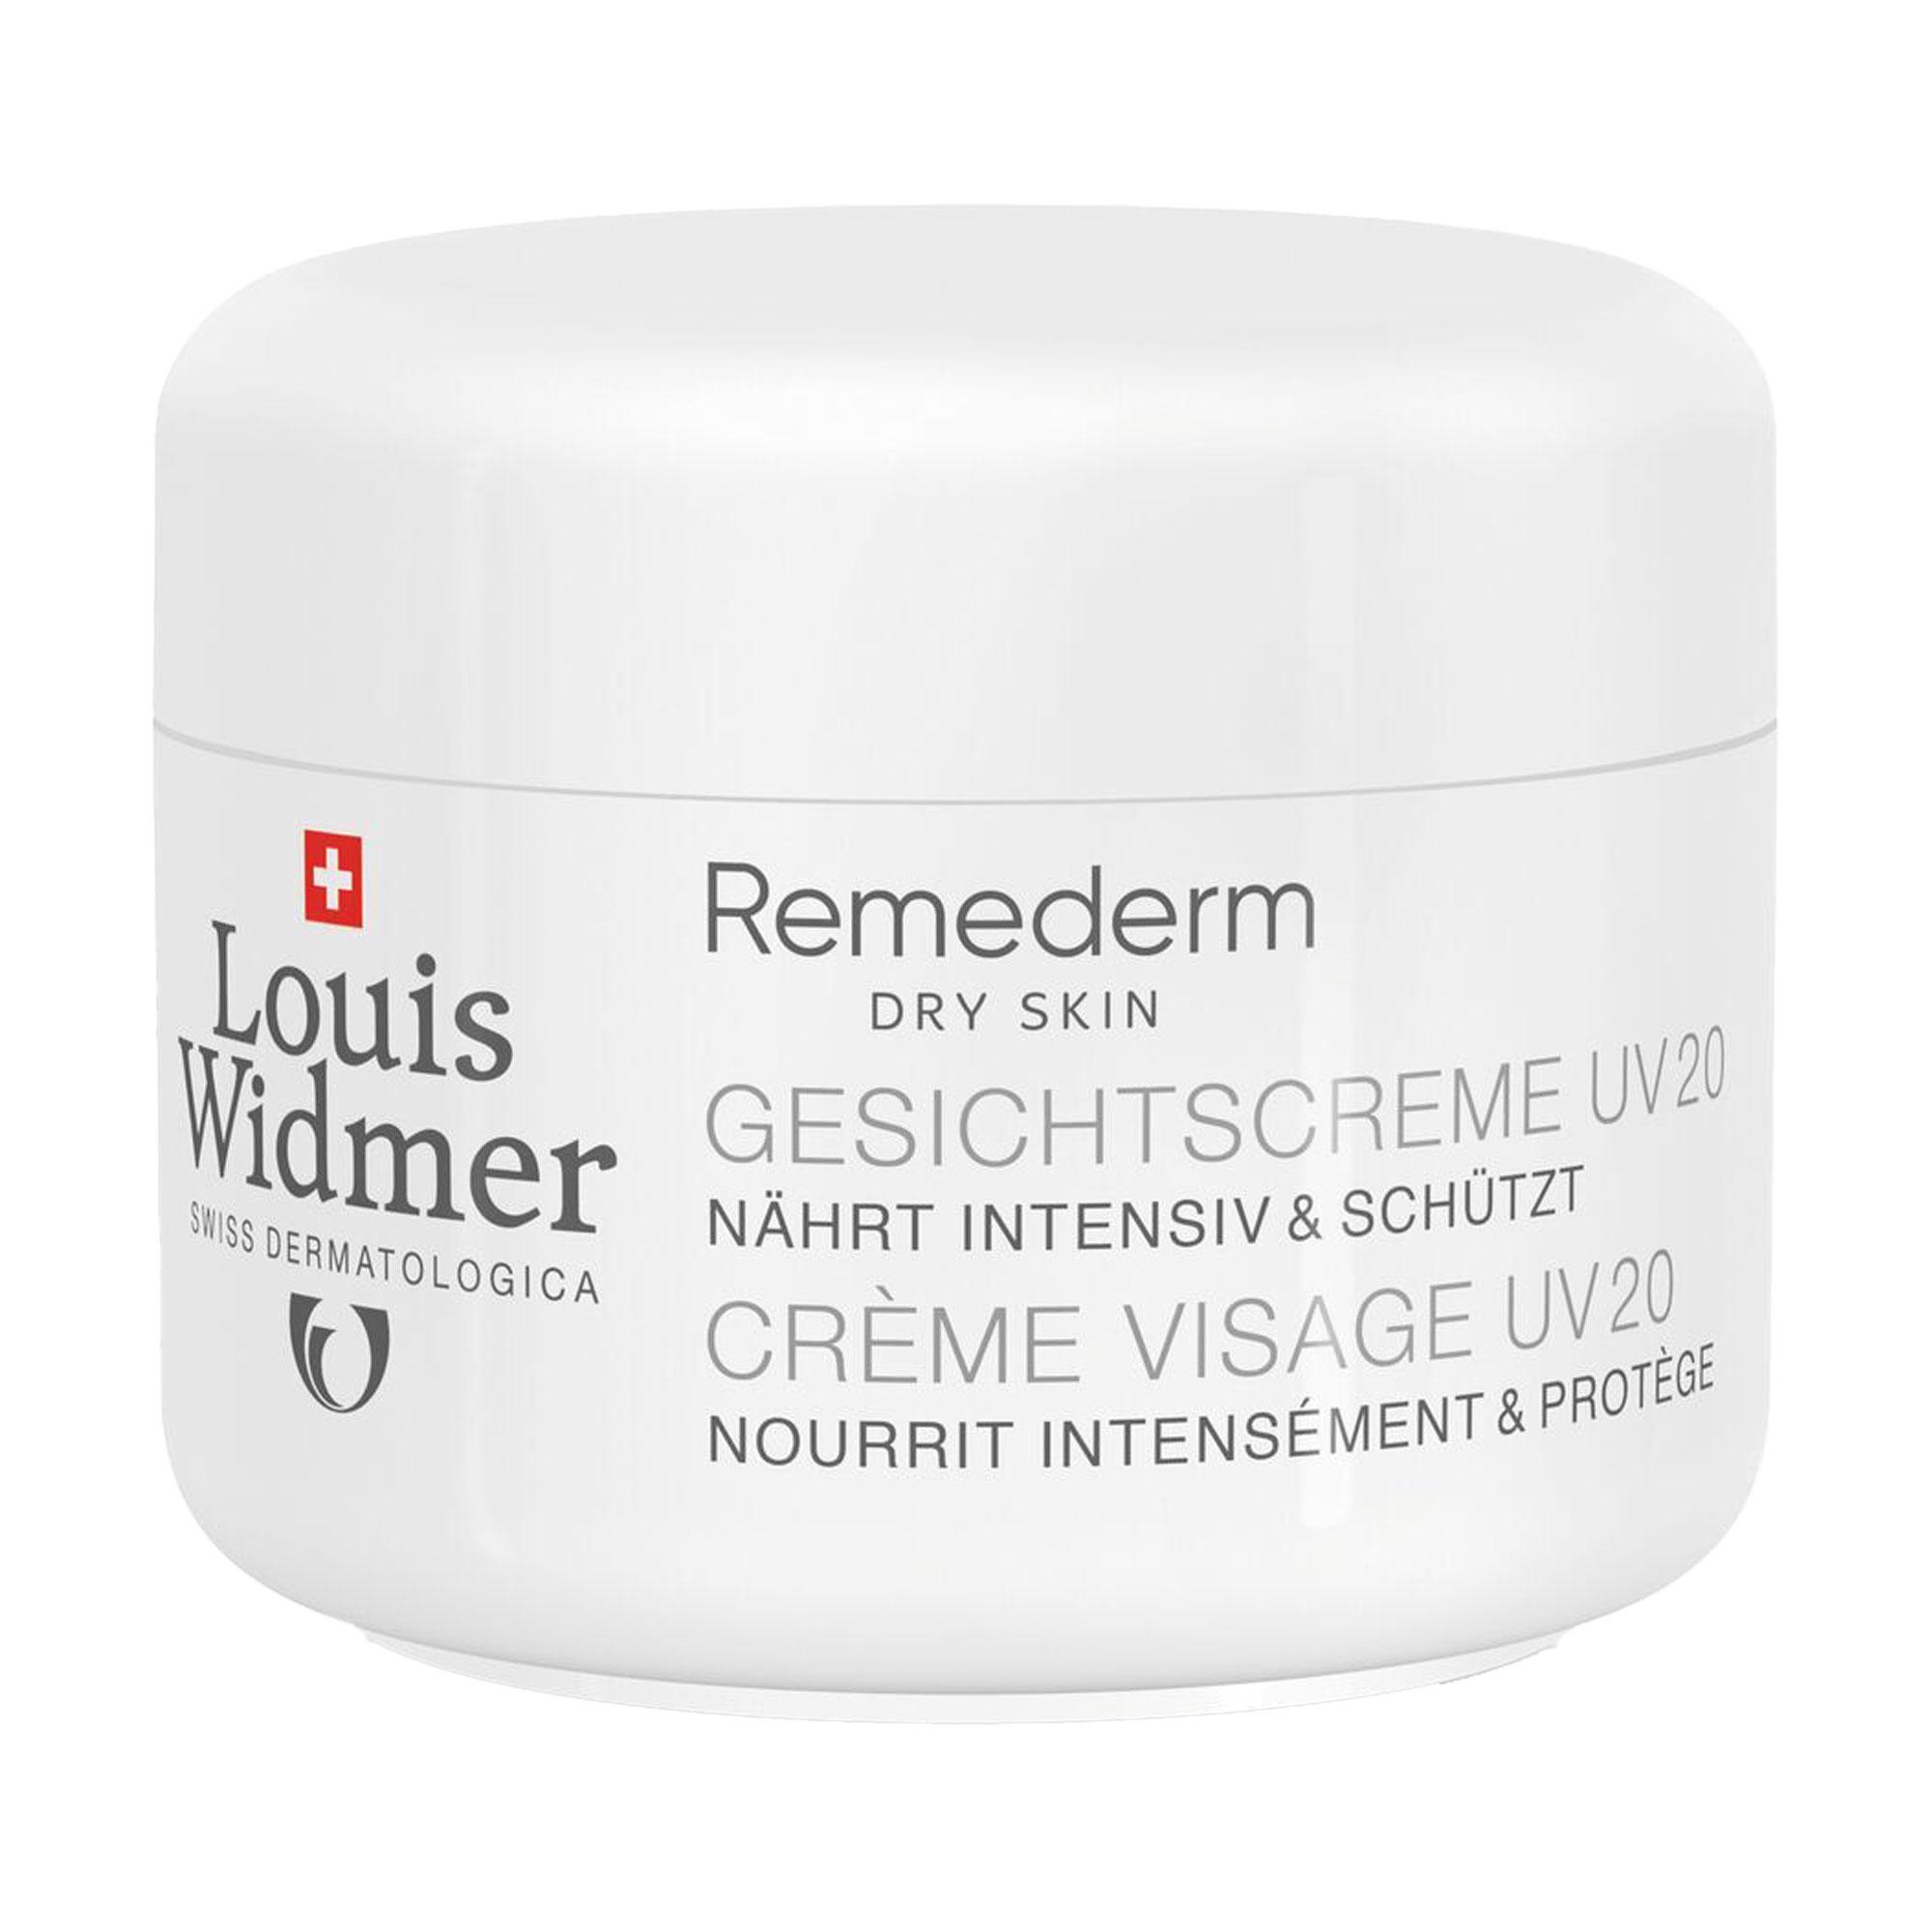 Widmer Remederm Gesichtscreme UV 20 unparfümiert